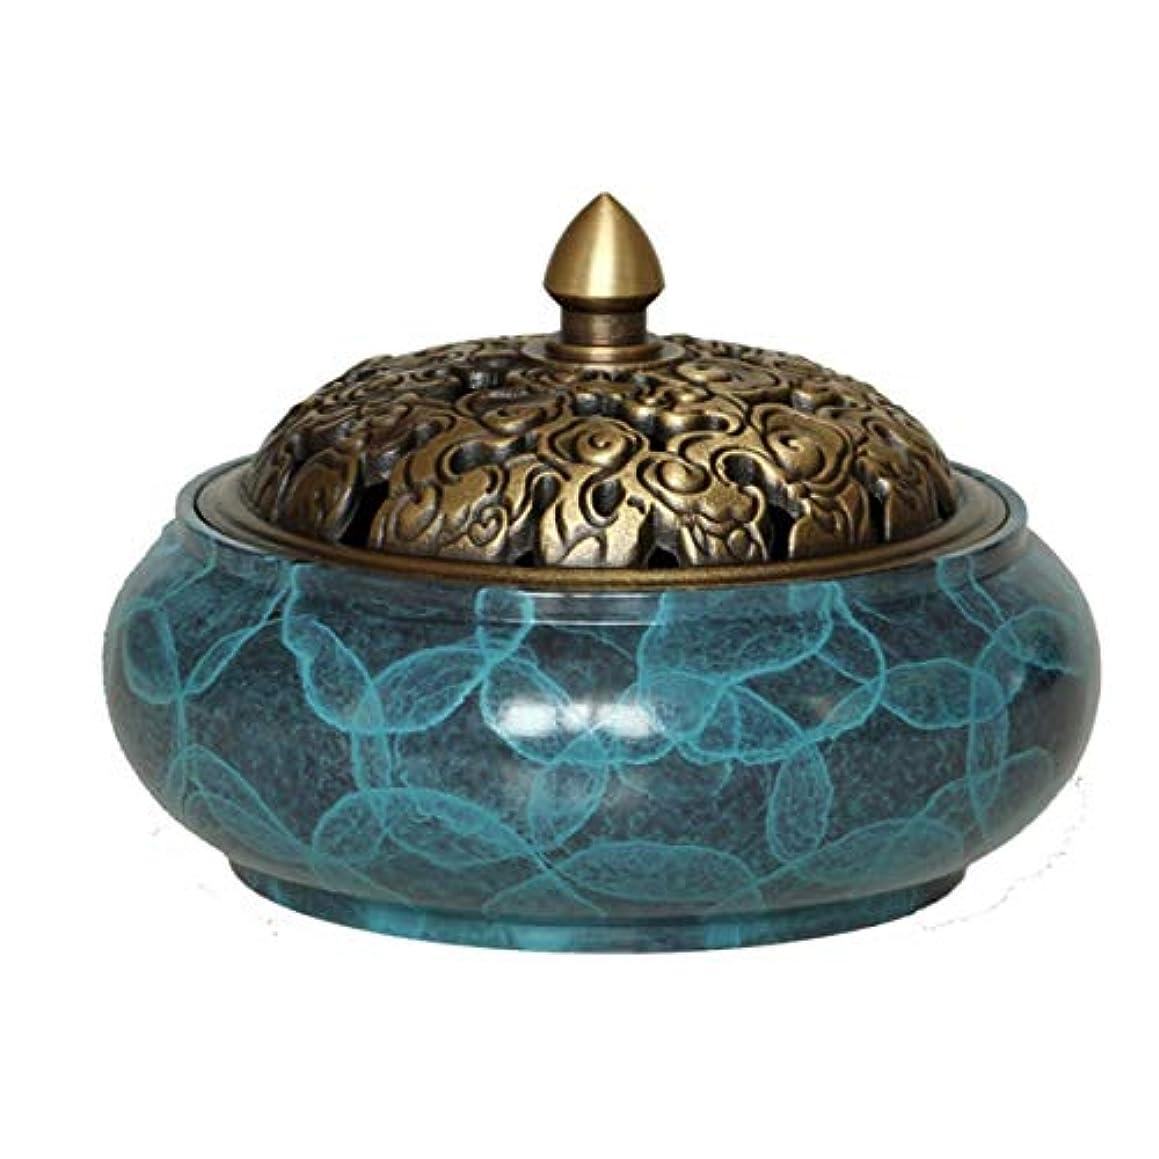 委員会あえて凶暴な銅線香ホルダーバーナー銅製の灰キャッチャートレイボウル、家、オフィス、茶屋、瞑想、ヨガなどのための真鍮線香ホルダー